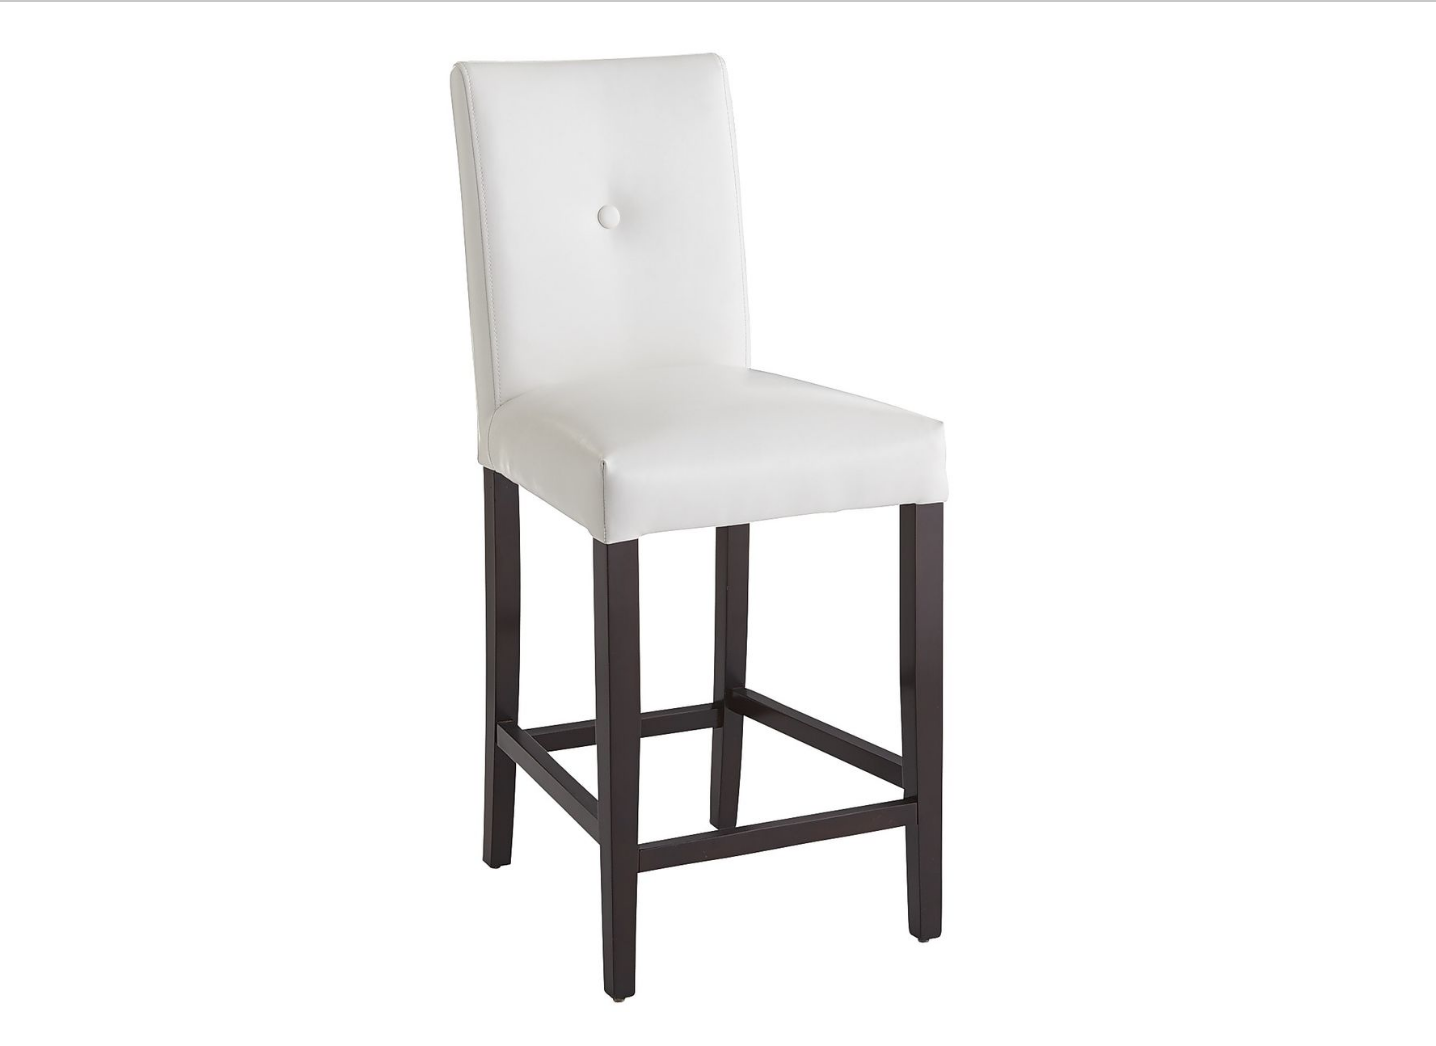 Стул  Mason CounterБарные стулья<br>&amp;lt;div&amp;gt;Высота сидения 66 см.&amp;lt;br&amp;gt;&amp;lt;/div&amp;gt;&amp;lt;div&amp;gt;&amp;lt;br&amp;gt;&amp;lt;/div&amp;gt;&amp;lt;div&amp;gt;&amp;lt;div&amp;gt;&amp;lt;div&amp;gt;2 возможные высоты сидения:&amp;lt;/div&amp;gt;&amp;lt;div&amp;gt;66 см (высота столешницы 90 см)&amp;lt;/div&amp;gt;&amp;lt;div&amp;gt;79 см (высота столешницы 120 см)&amp;lt;/div&amp;gt;&amp;lt;/div&amp;gt;&amp;lt;div&amp;gt;Ножки выполнены из бука, материал: текстиль.&amp;lt;/div&amp;gt;&amp;lt;/div&amp;gt;<br><br>Material: Бук<br>Width см: 46<br>Depth см: 57<br>Height см: 104